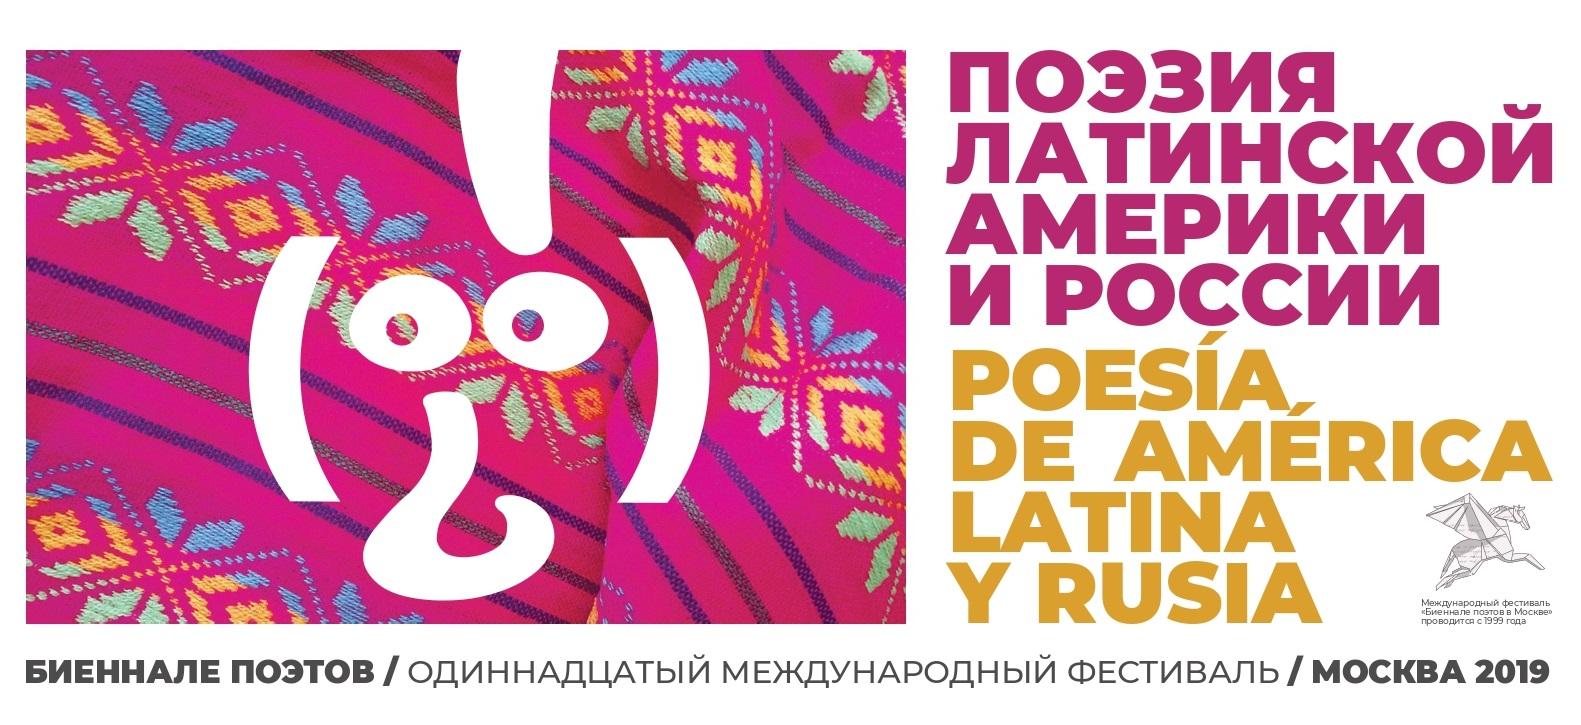 """Фестиваль """" Биеннале поэтов в столице России """" откроется 4 декабря"""